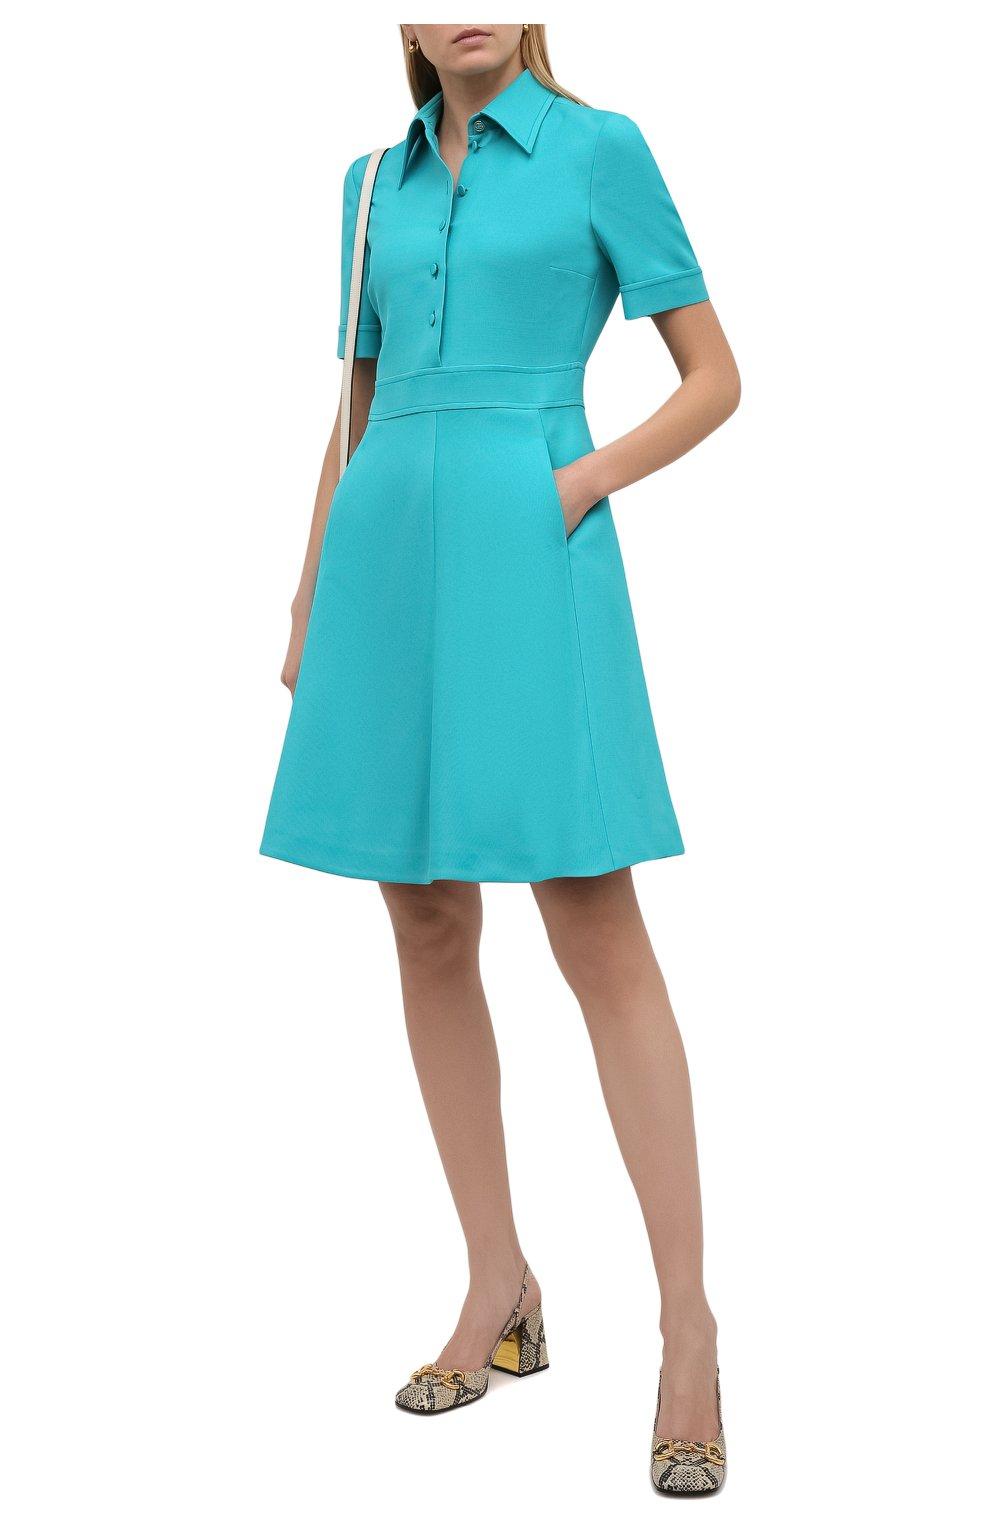 Женское платье из шелка и шерсти GUCCI бирюзового цвета, арт. 649568/ZAD88 | Фото 2 (Материал внешний: Шерсть, Шелк; Рукава: Короткие; Случай: Повседневный; Материал подклада: Синтетический материал; Длина Ж (юбки, платья, шорты): До колена; Женское Кросс-КТ: Платье-одежда; Стили: Кэжуэл)